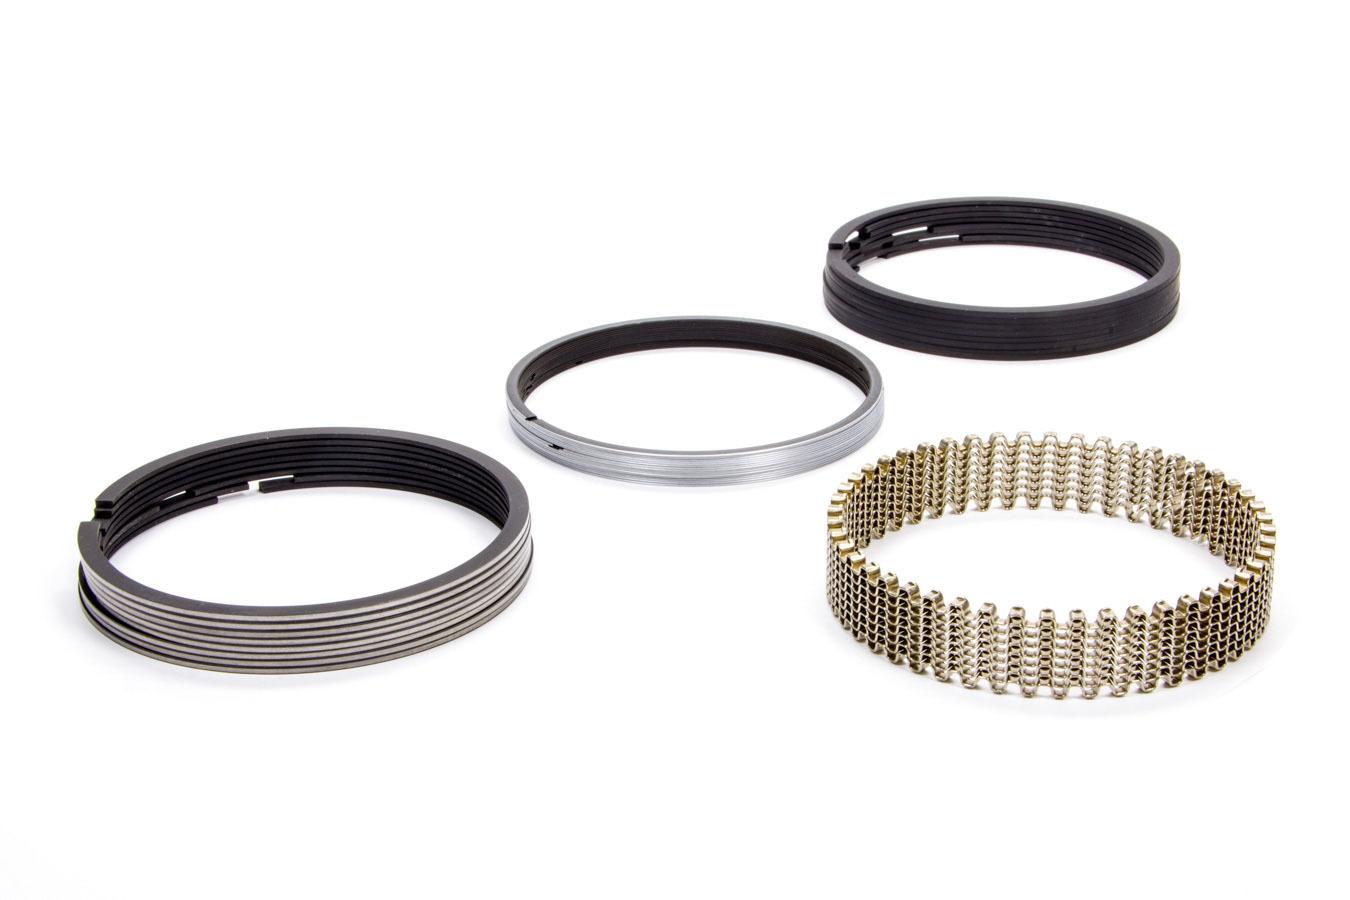 Piston Ring Set 4.280 5/64 5/64 3/16